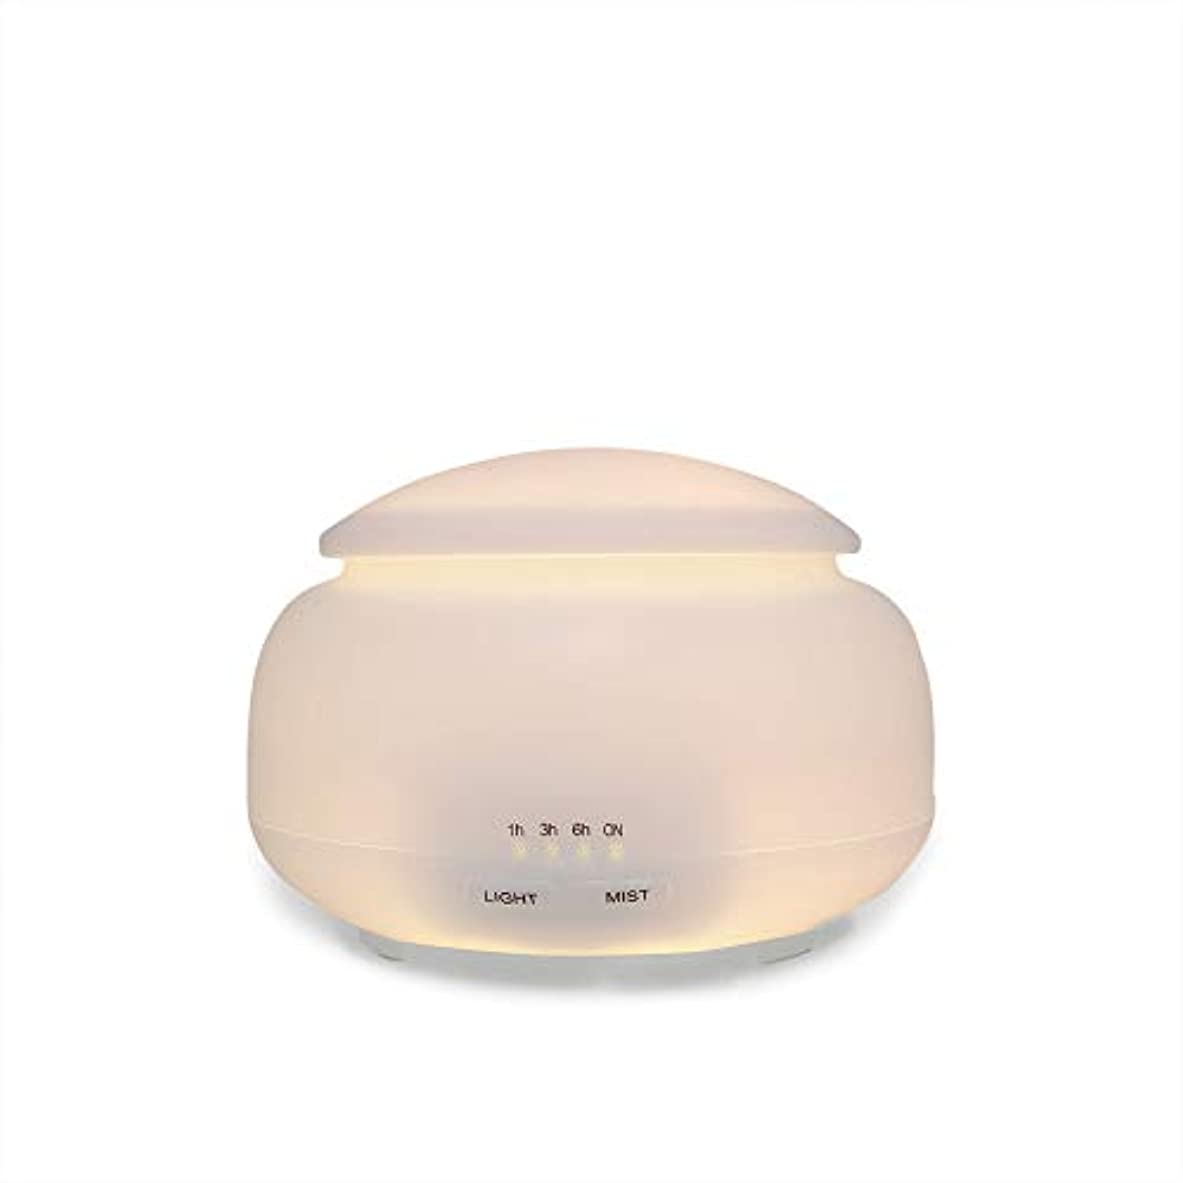 ソケット文化再生可能150ml の家の超音波アロマセラピー機械、大きい無声空気浄化の加湿器容量のスプレーのタイマーおよび水なしの自動オフ、7つの LED ライト色